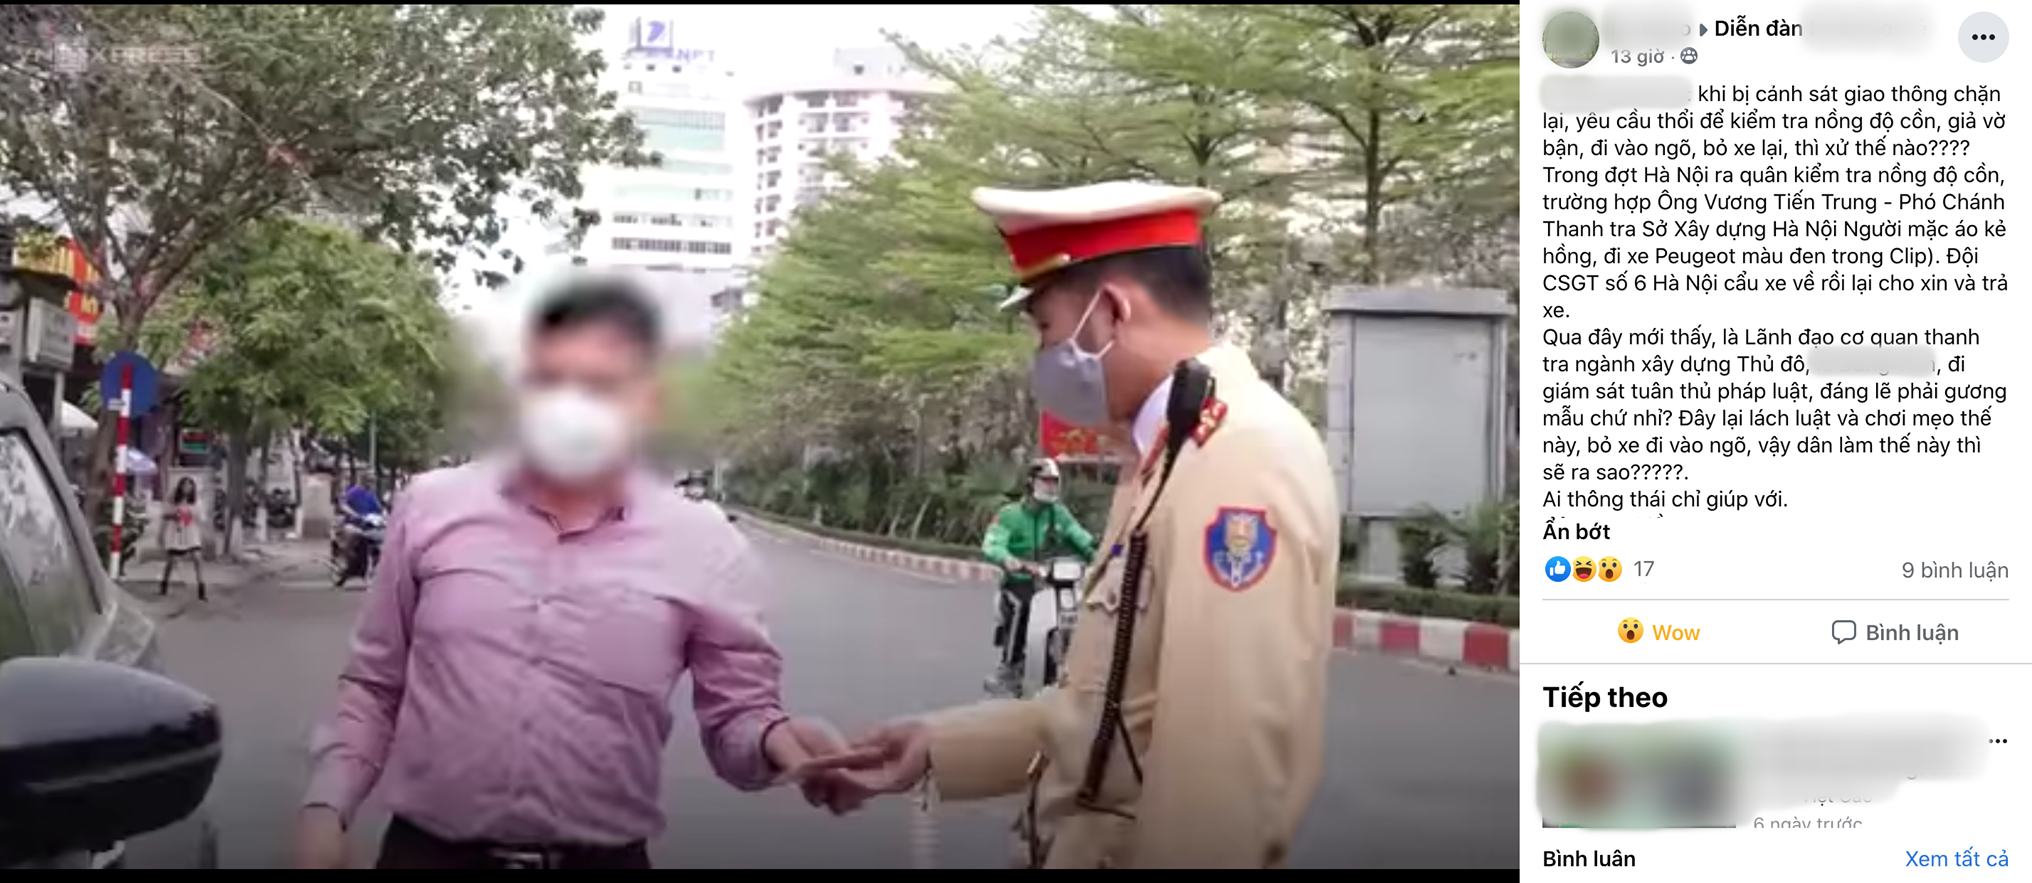 Có hay không vụ Phó chánh Thanh tra ở Hà Nội 'chơi mẹo' né thổi nồng độ cồn?